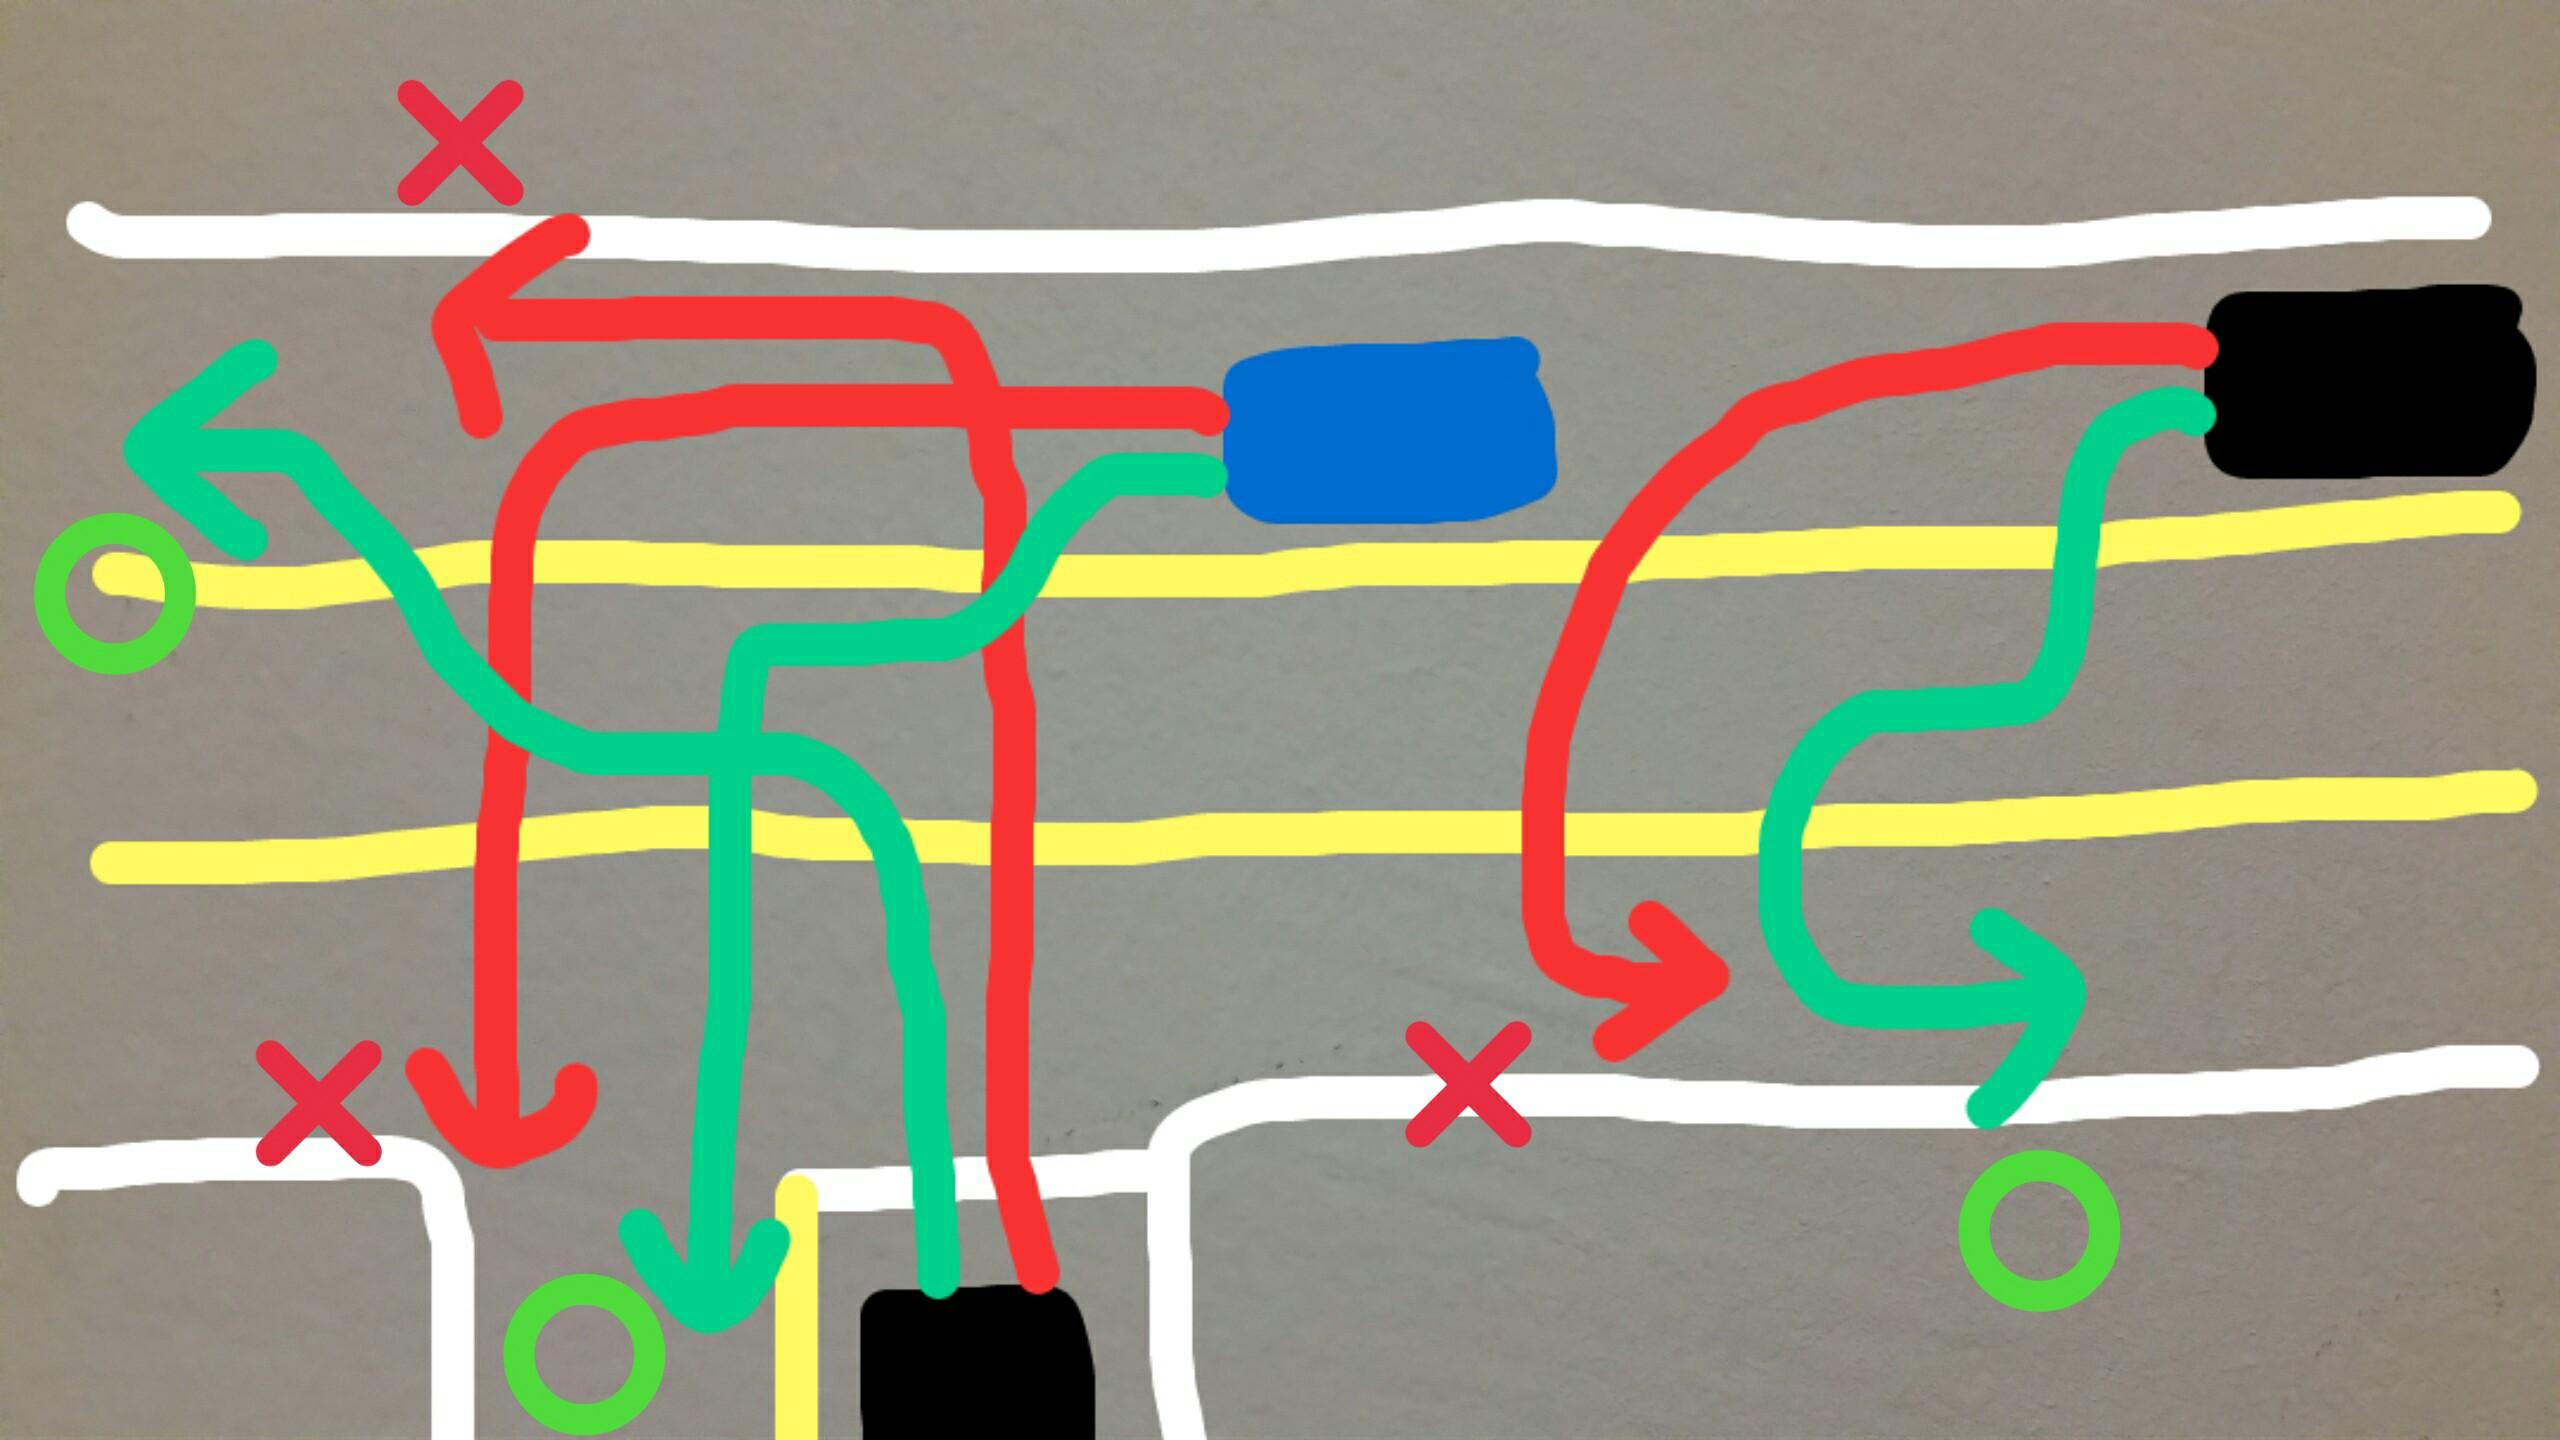 アメリカ グアム 中央車線 センターレーン ルール 使い方